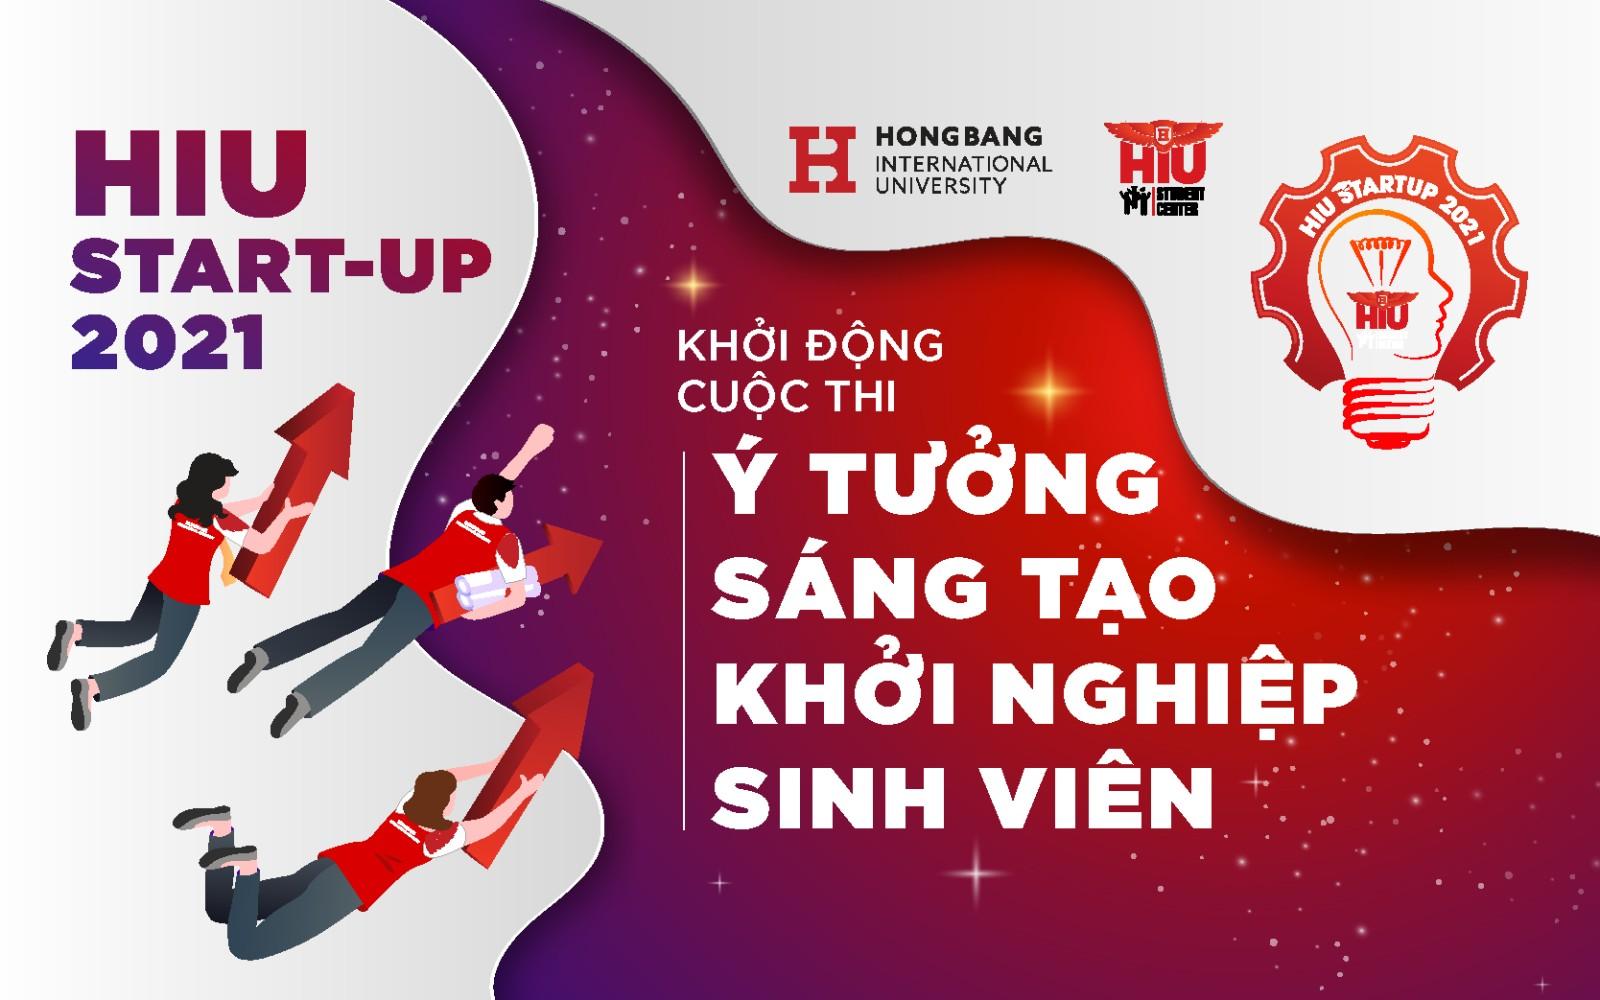 Khởi động cuộc thi ý tưởng sáng tạo khởi nghiệp sinh viên – HIU Start-Up 2021